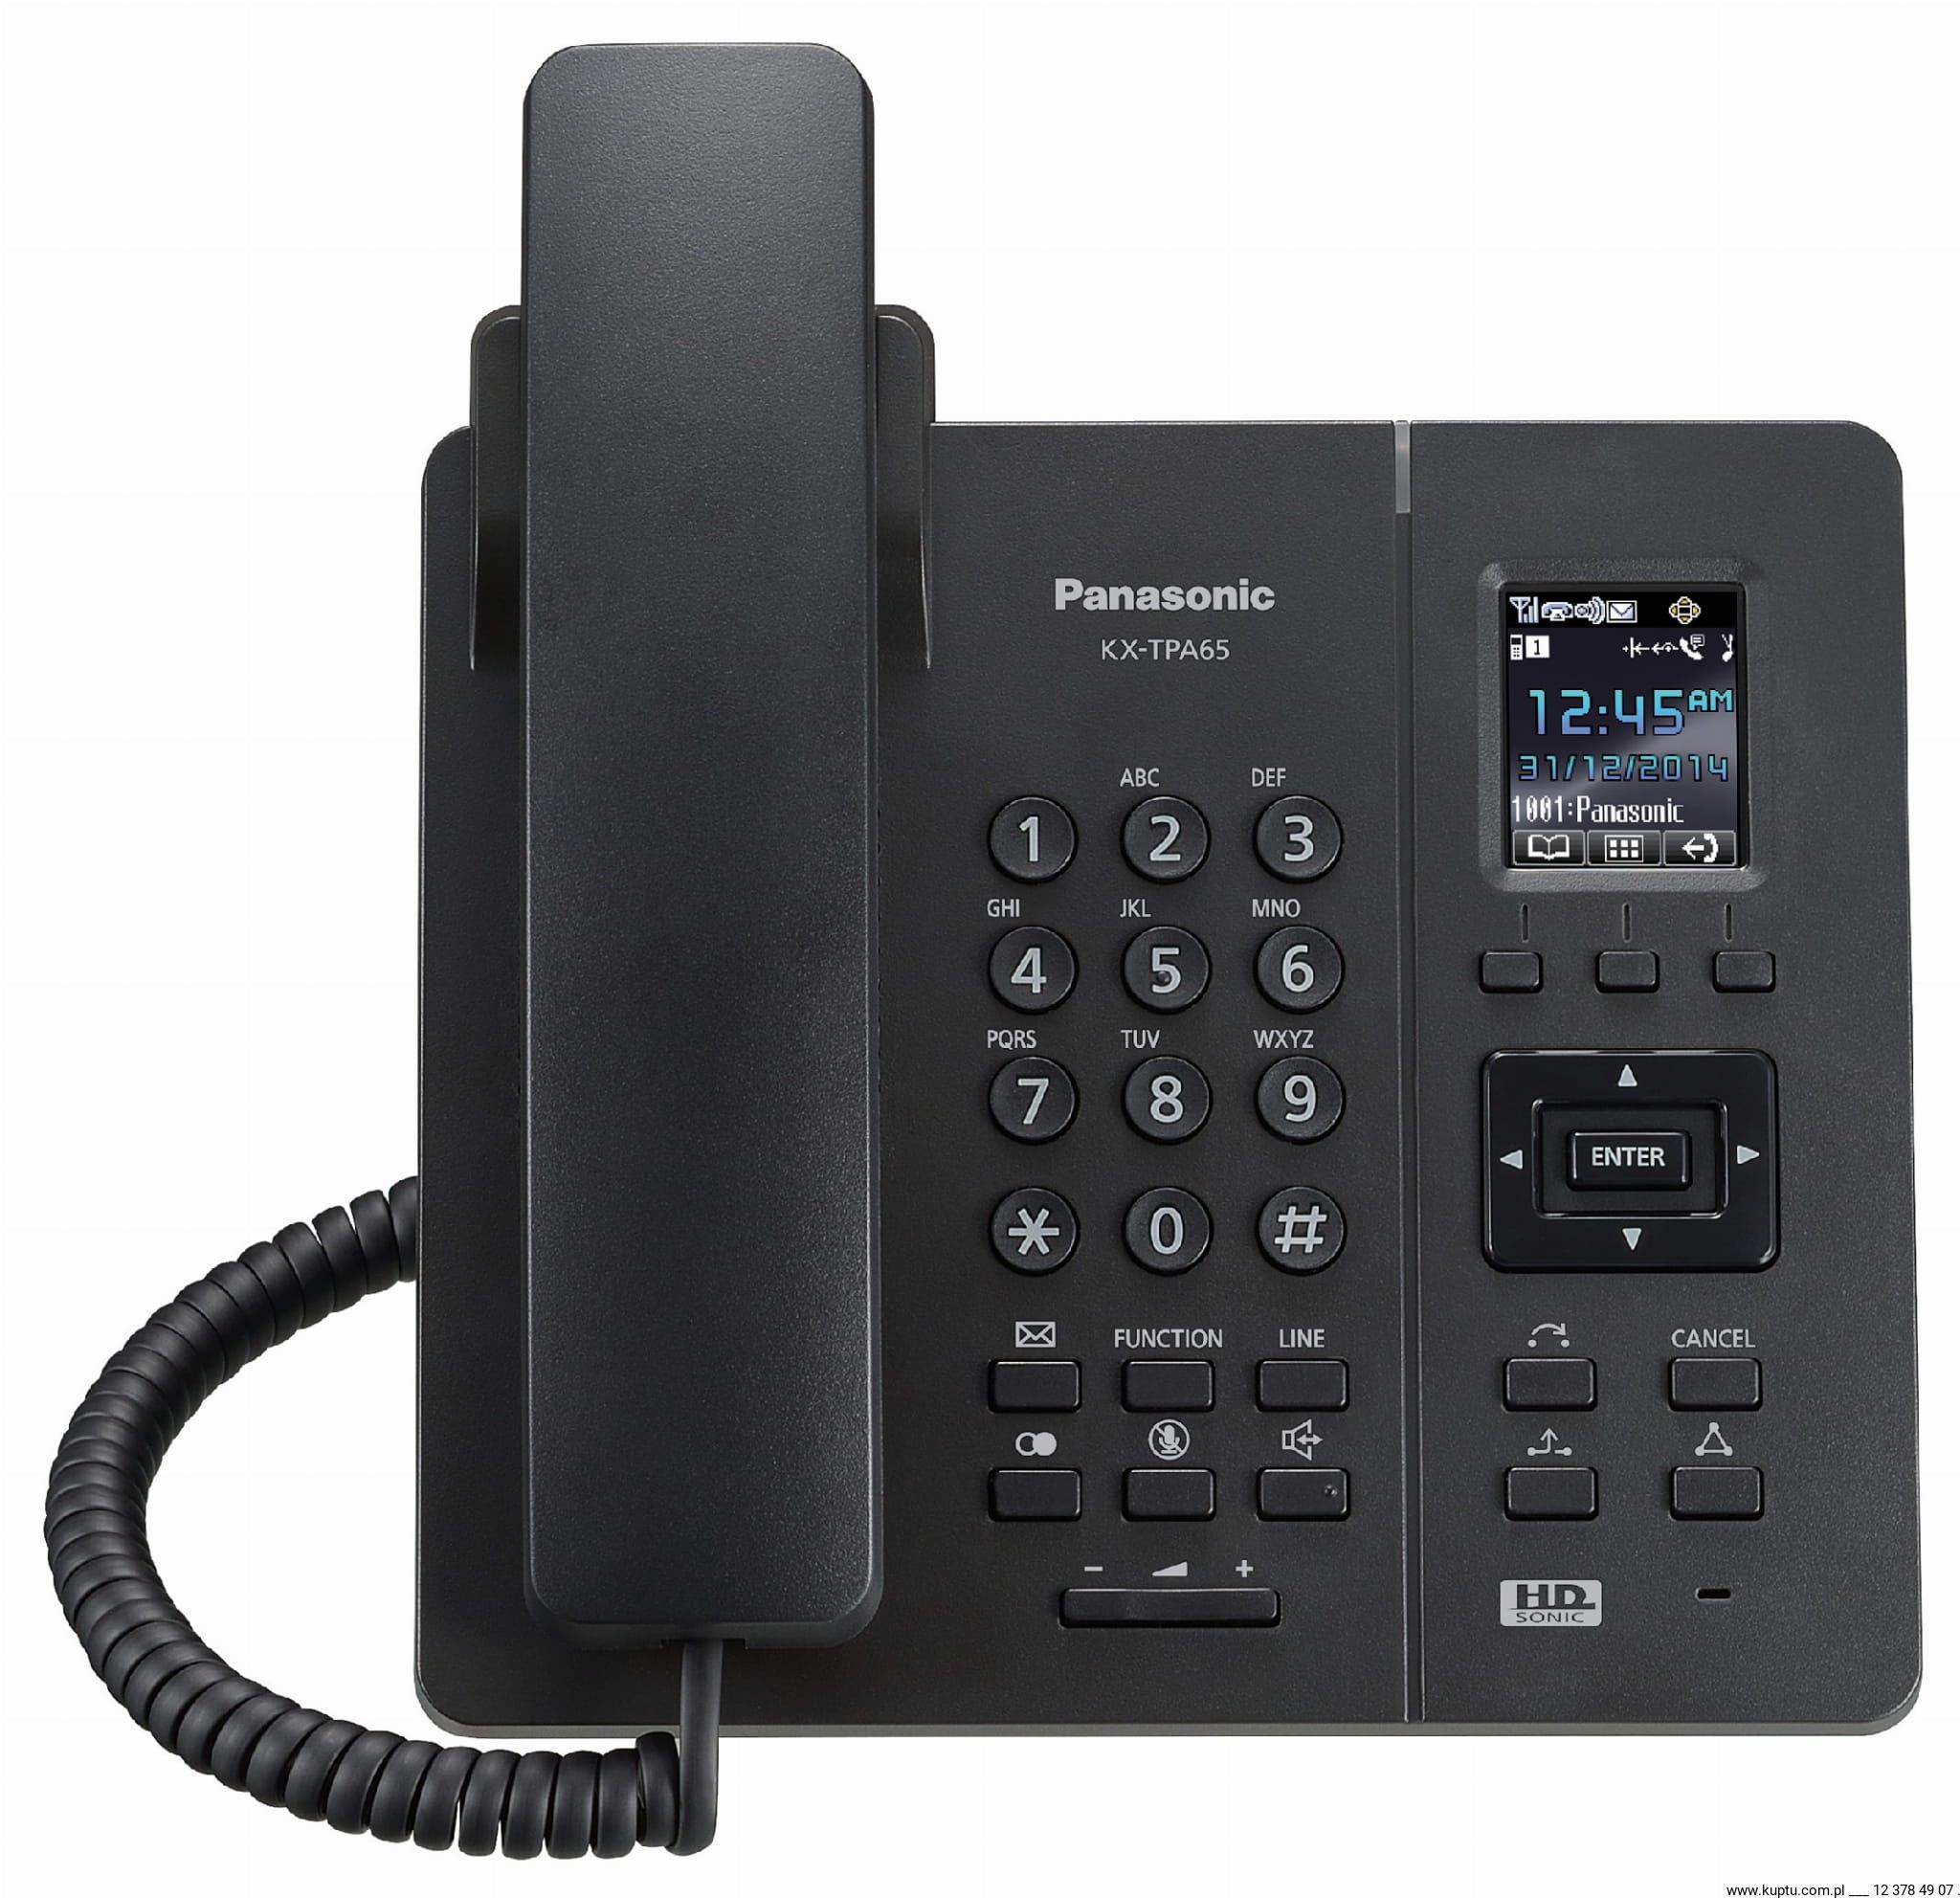 Słuchawka DECT KX-TPA65 Panasonic